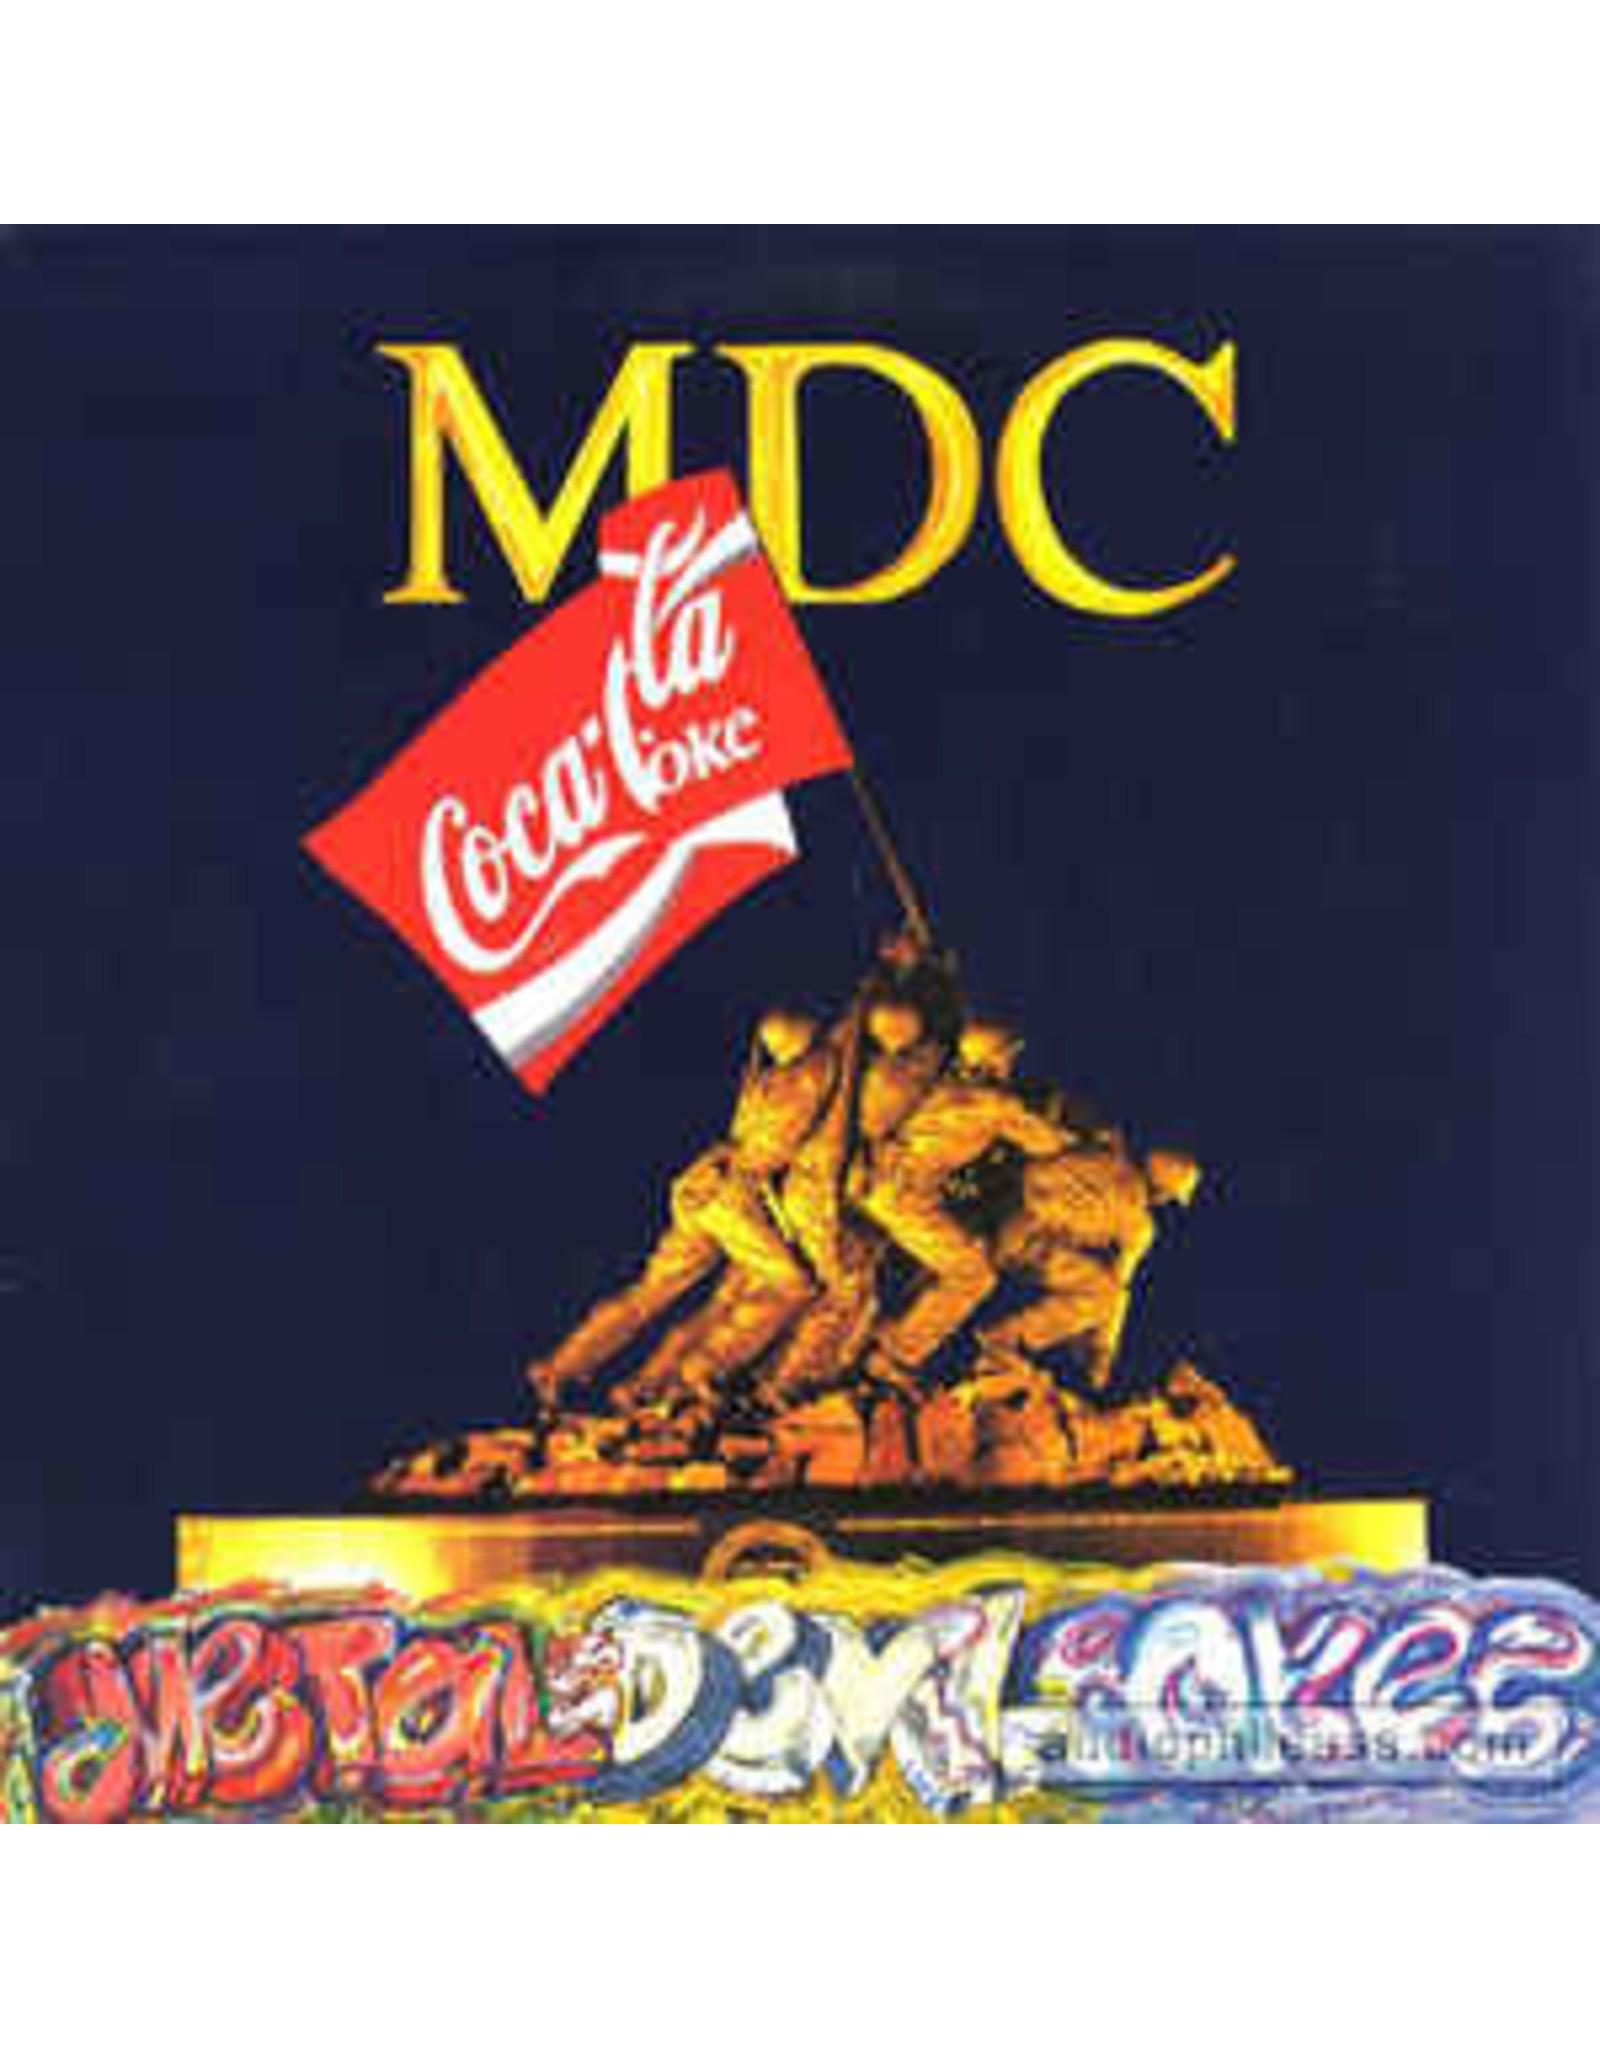 MDC - Metal Devil Cokes LP